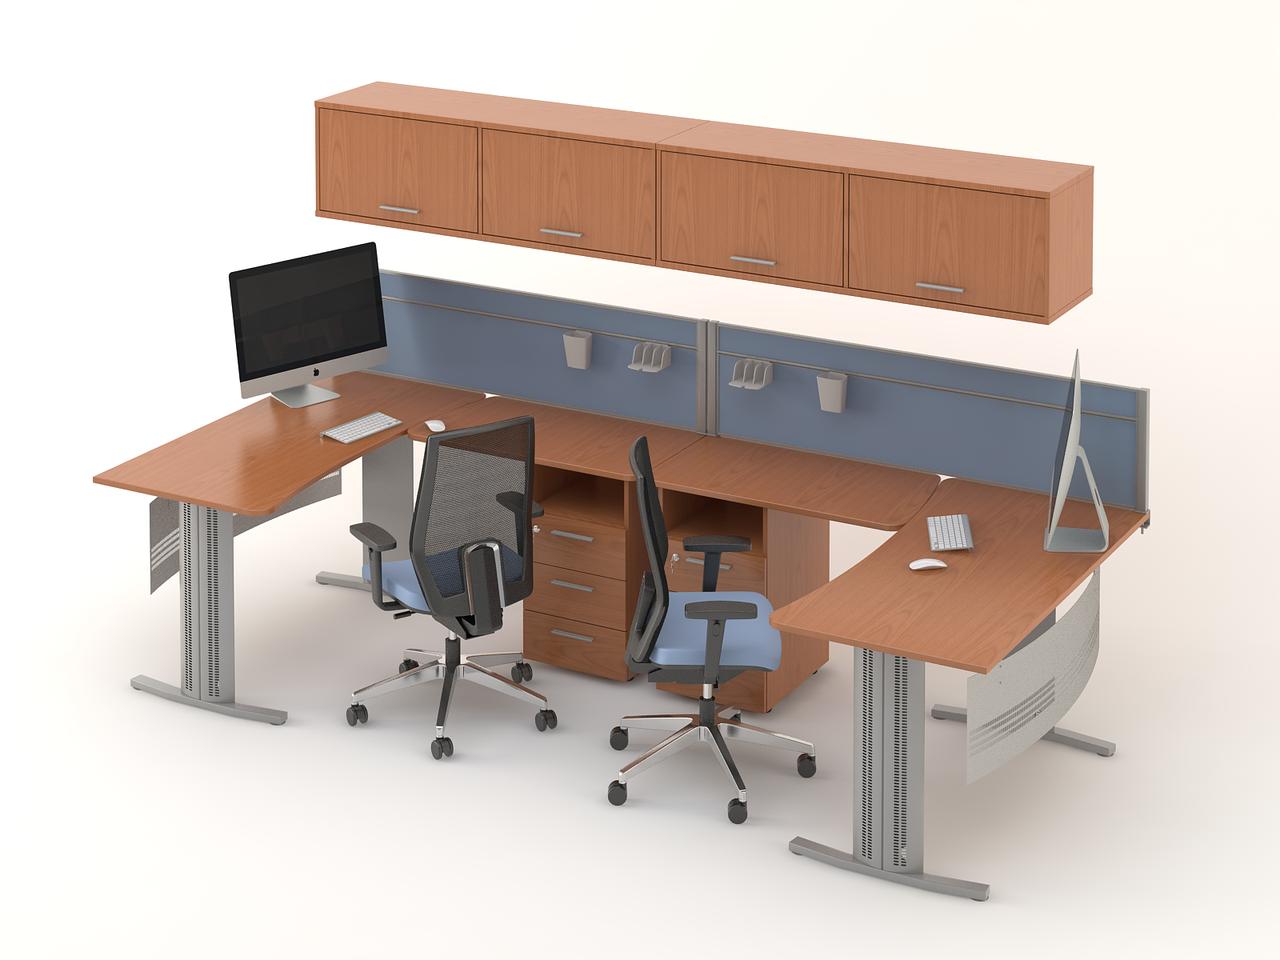 Комплект мебели для персонала серии Техно плюс композиция №12 ТМ MConcept